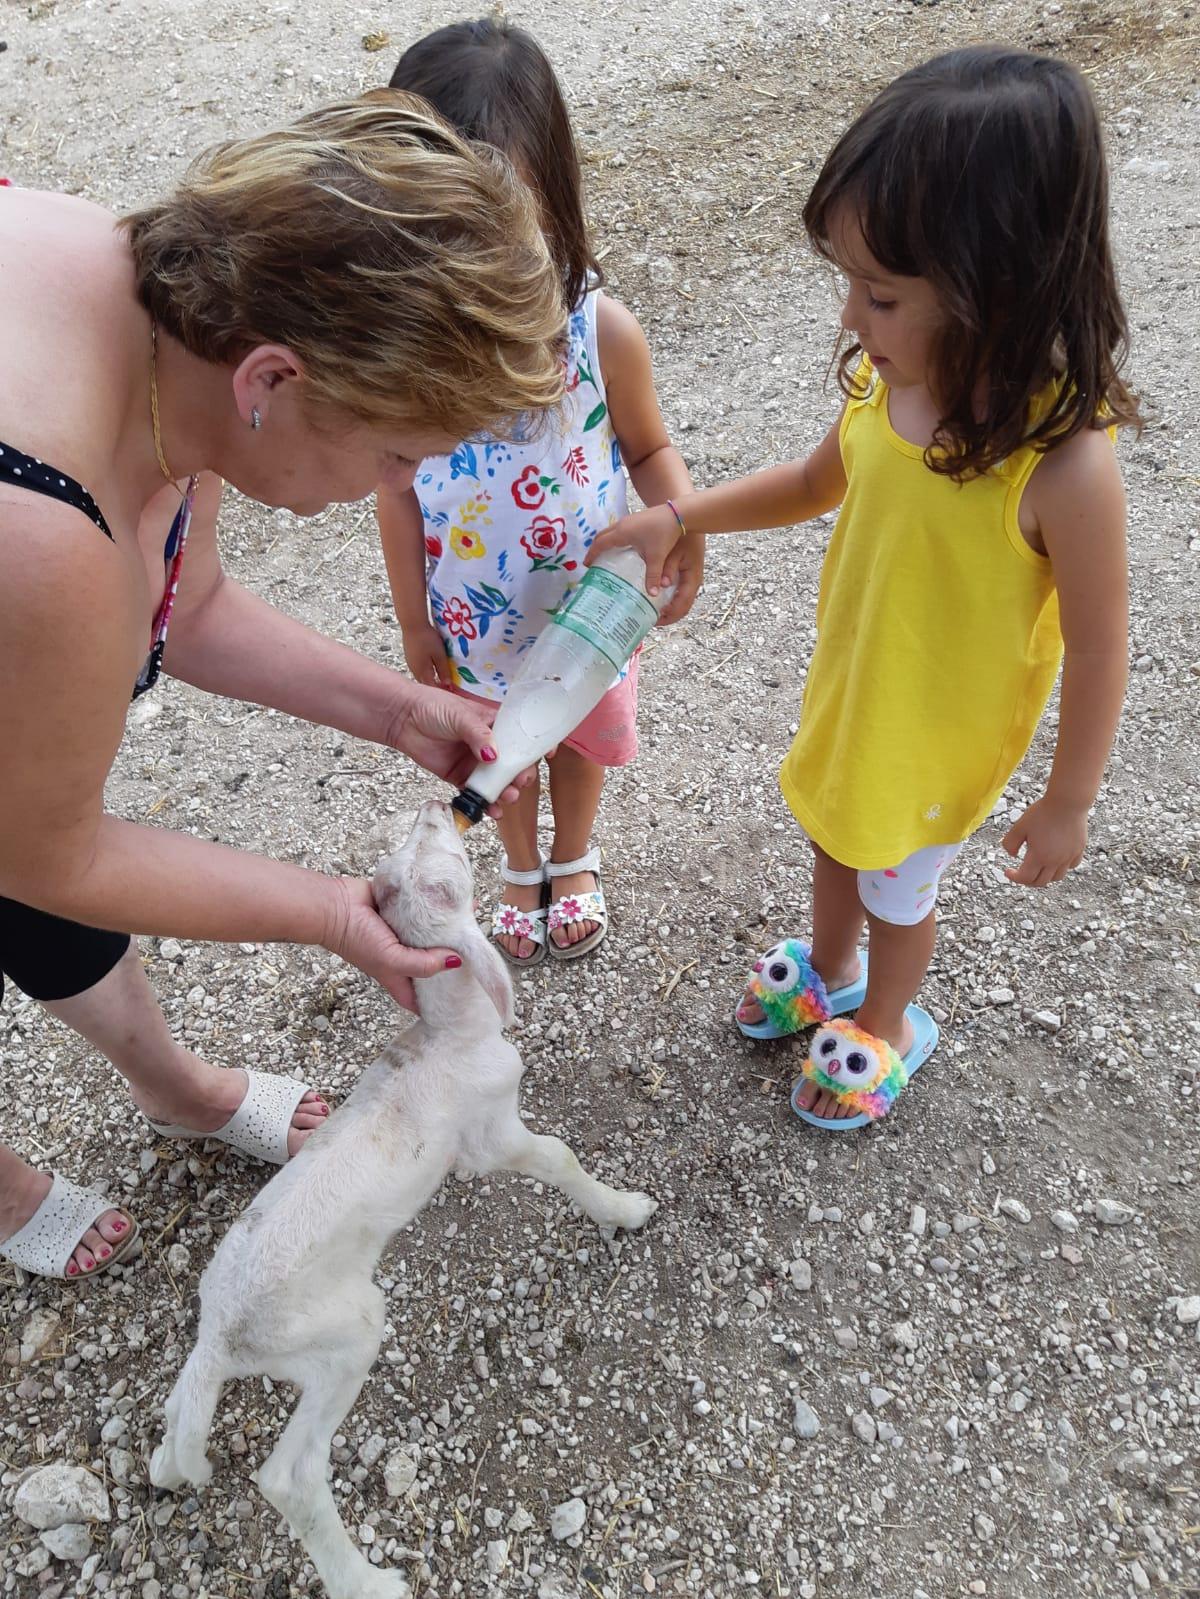 Soggiorni esperienziali con bambini in Umbria